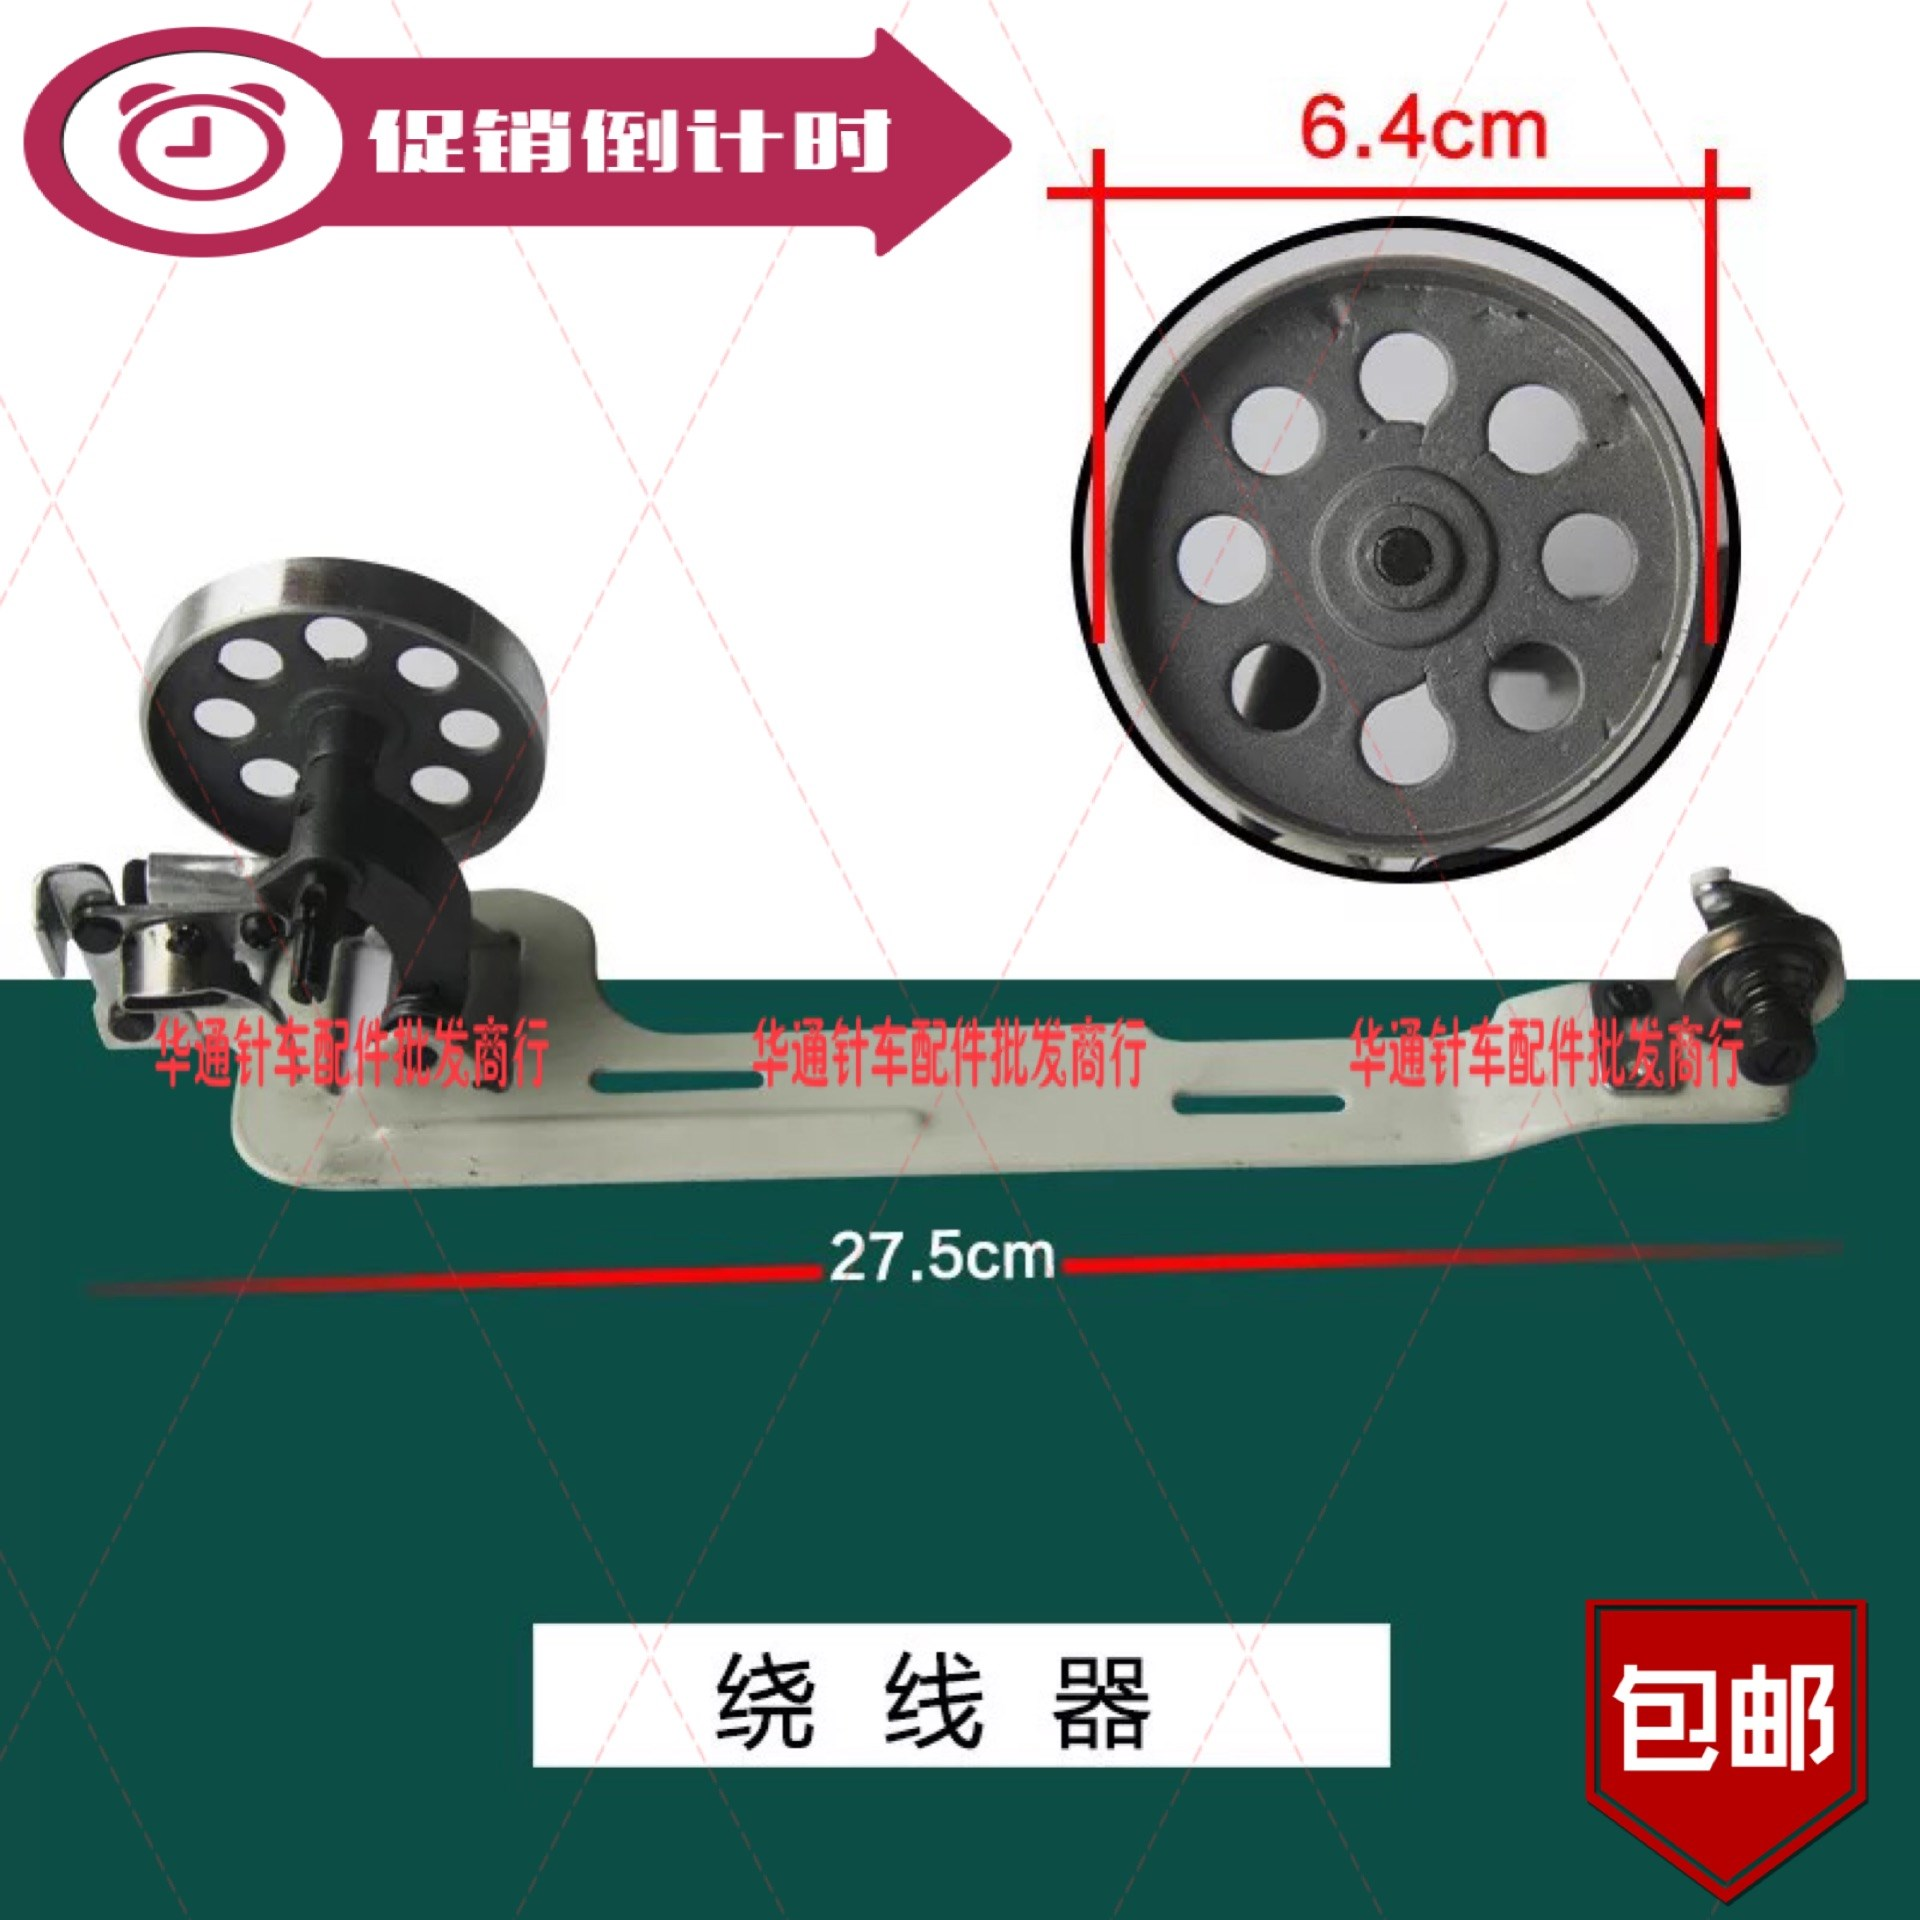 工业缝纫机 平车配件 打线器 绕线器 打线机 绕底线器(质量好)